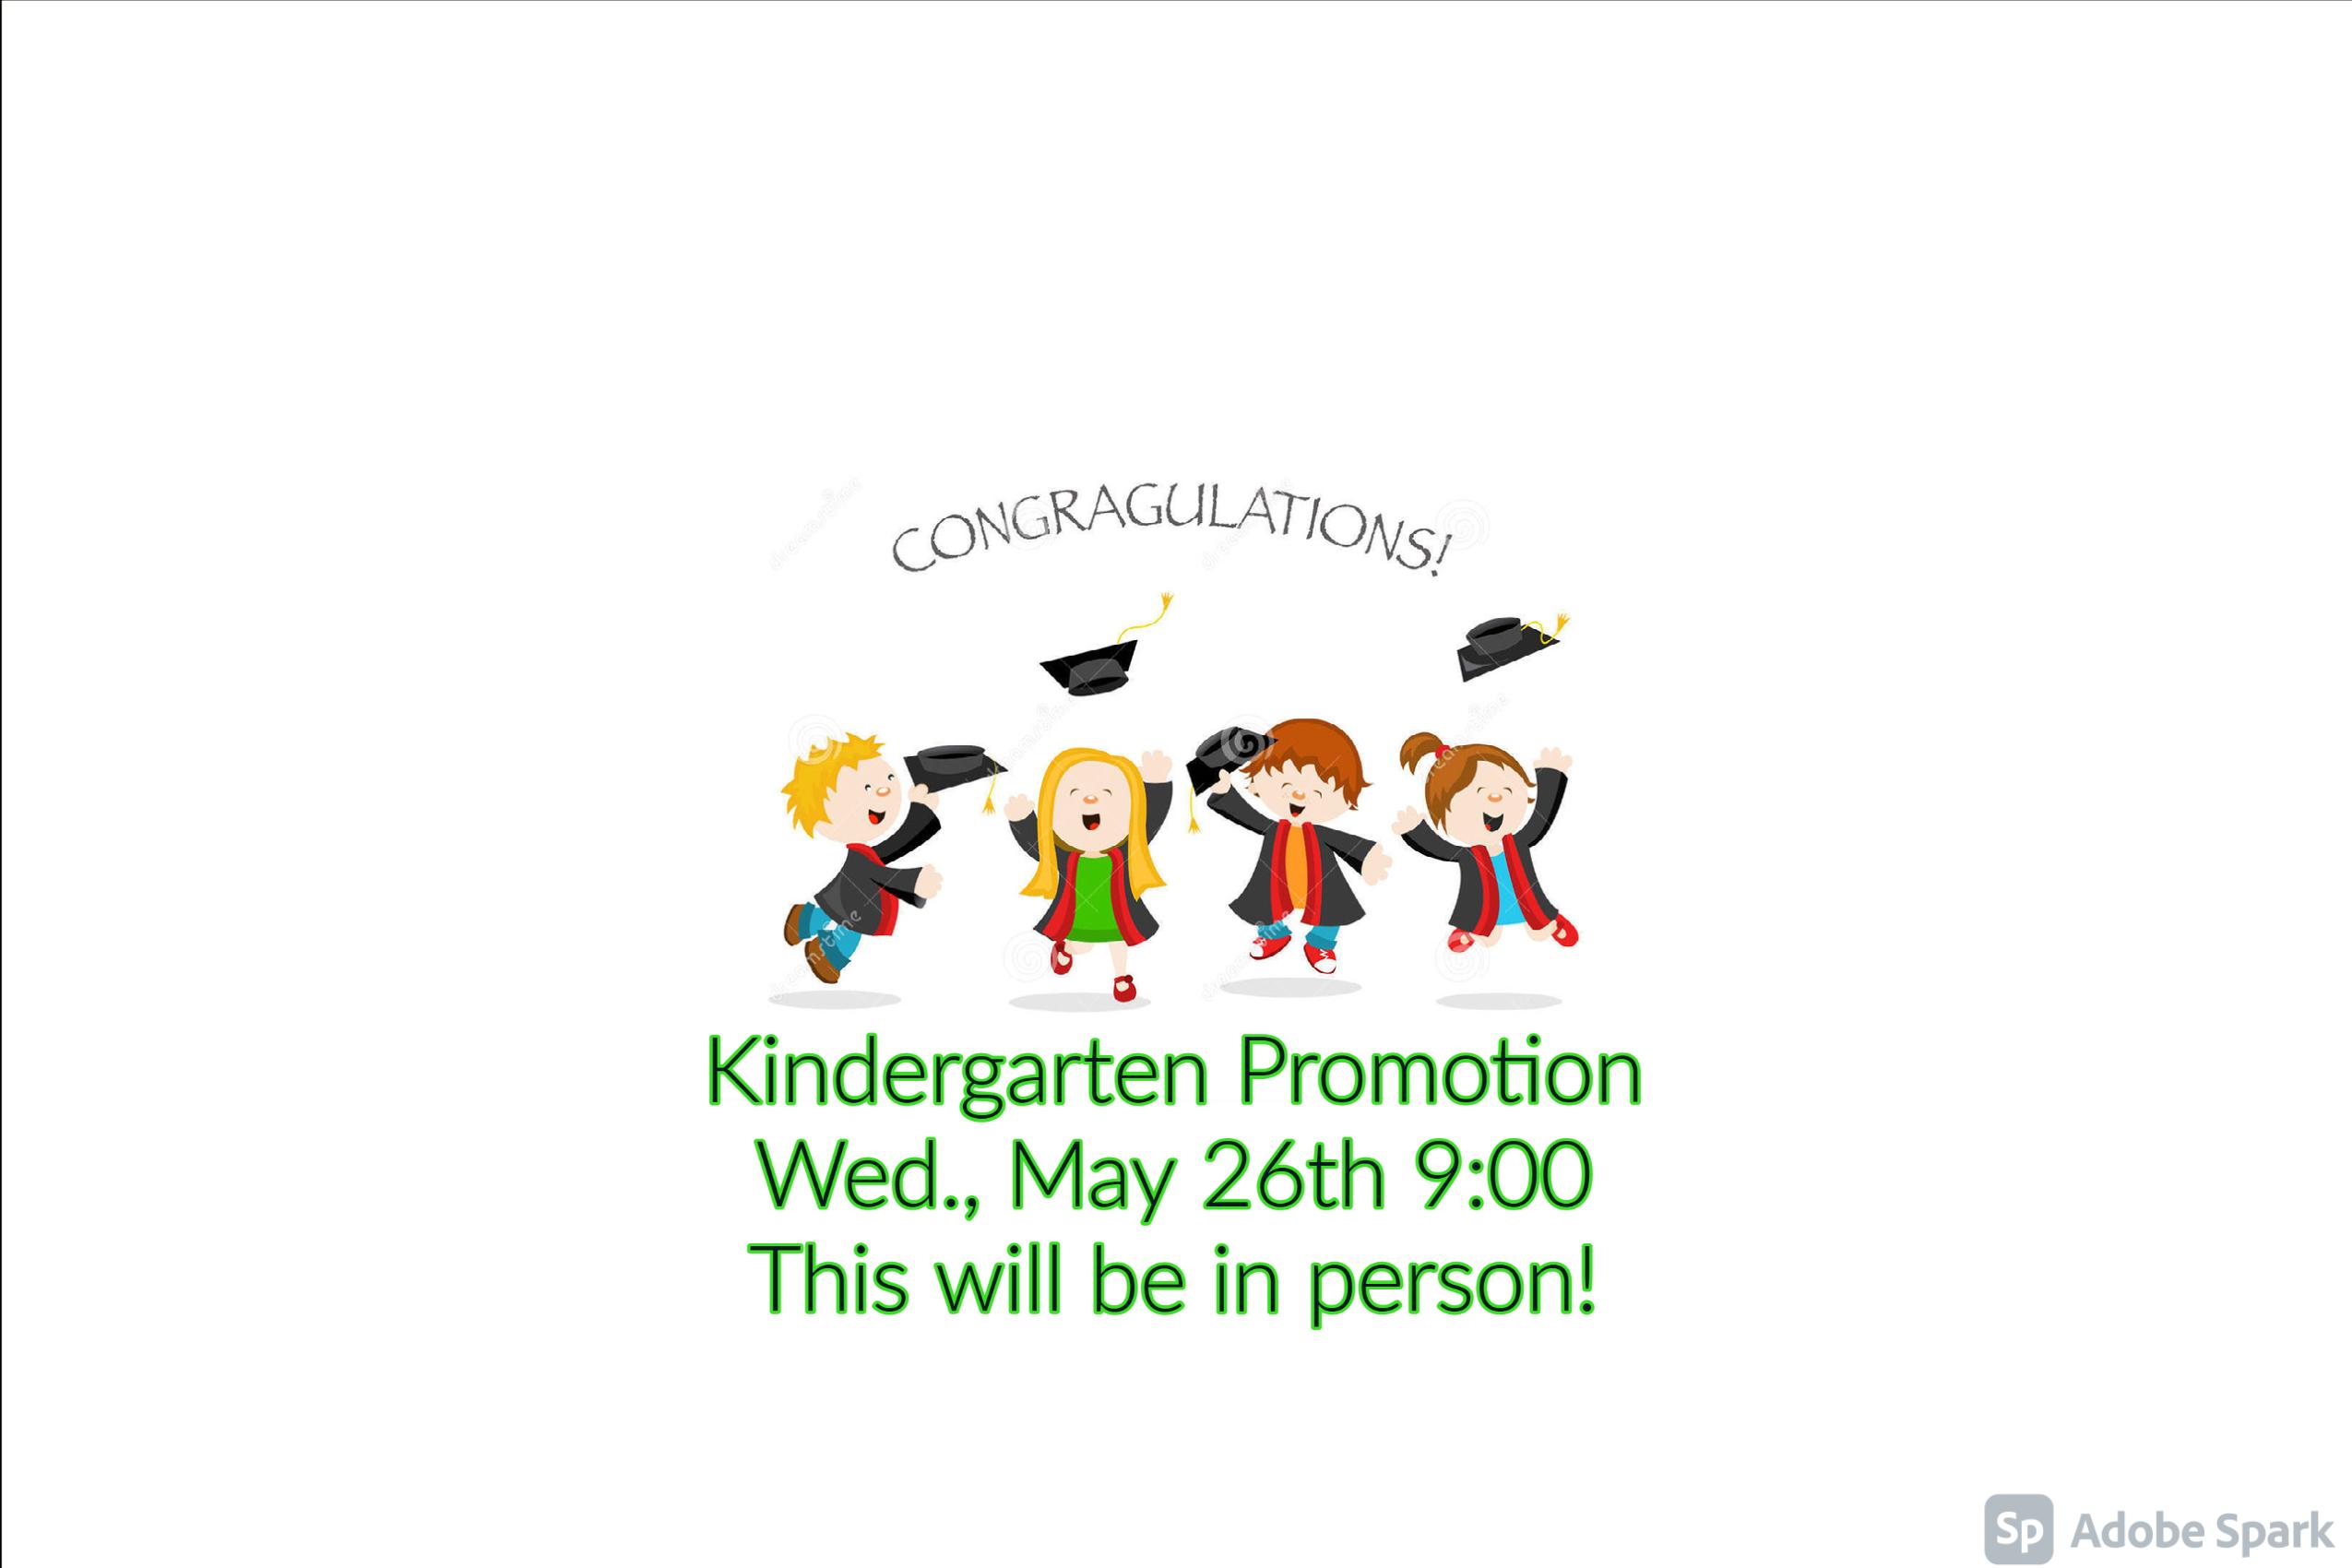 K promotion